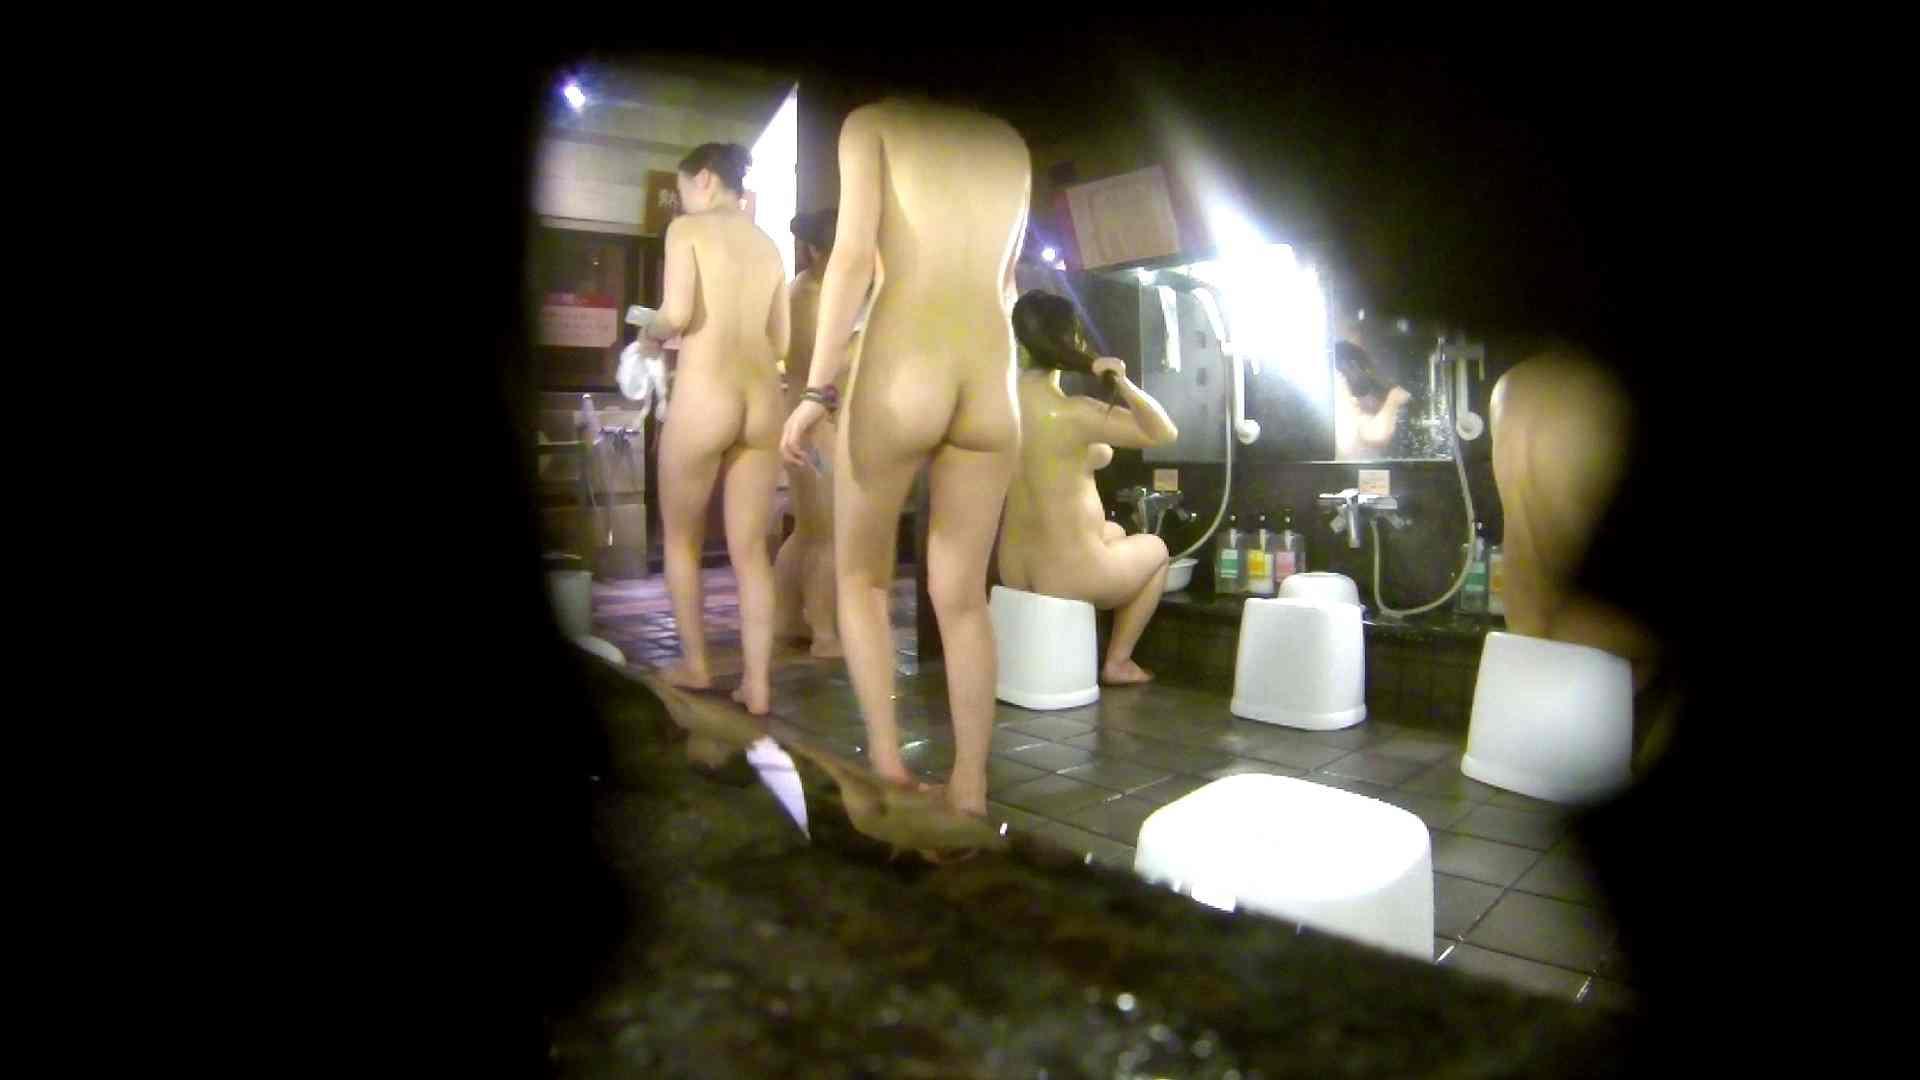 オムニバス!超満員で溢れてしまったギャル 潜入 セックス無修正動画無料 104枚 38